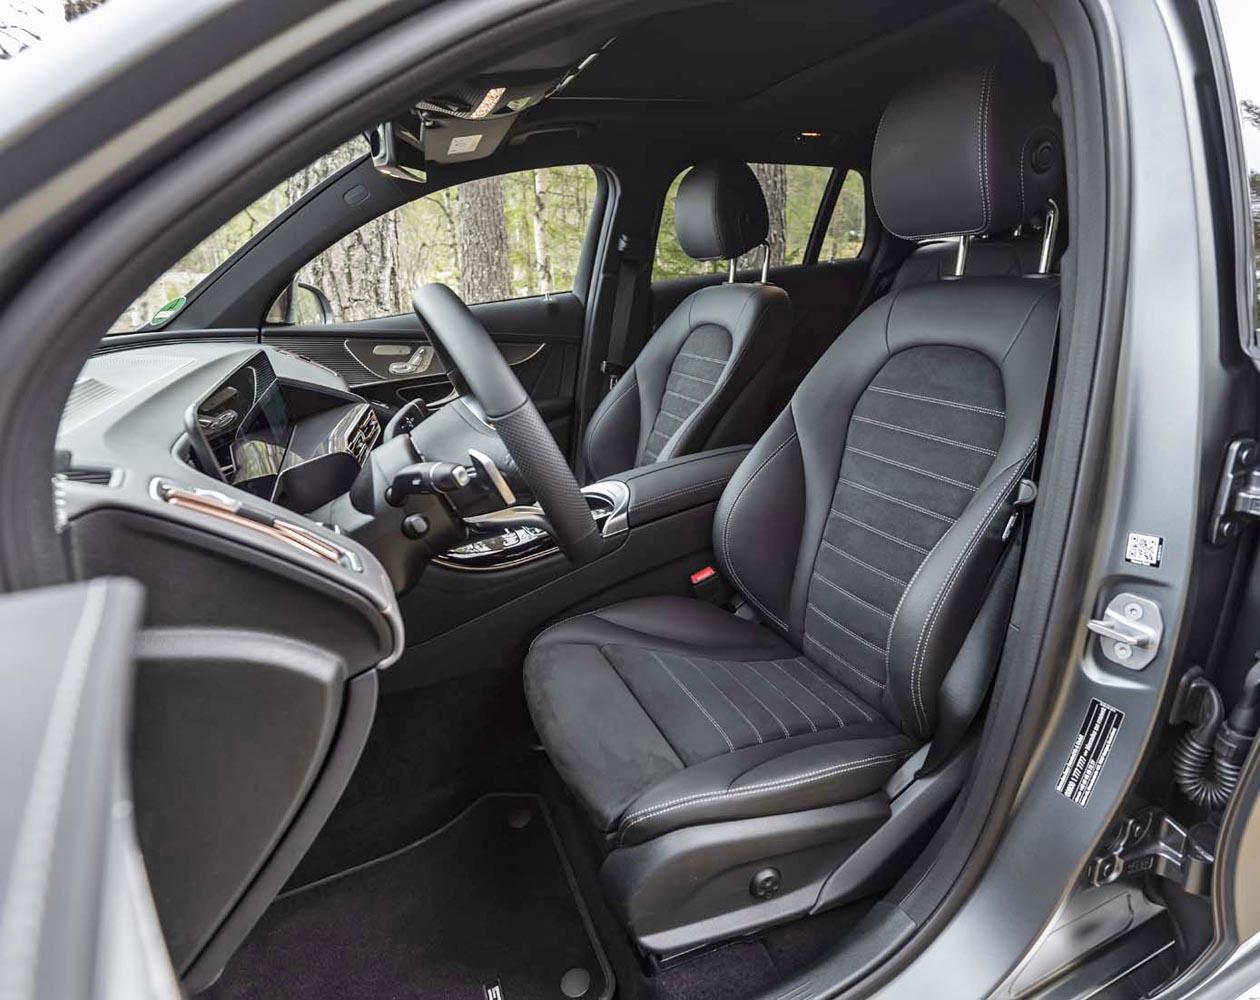 最新のEVではあるものの、従来のメルセデス・ベンツ車を思わせるインテリアデザインが採用されている。